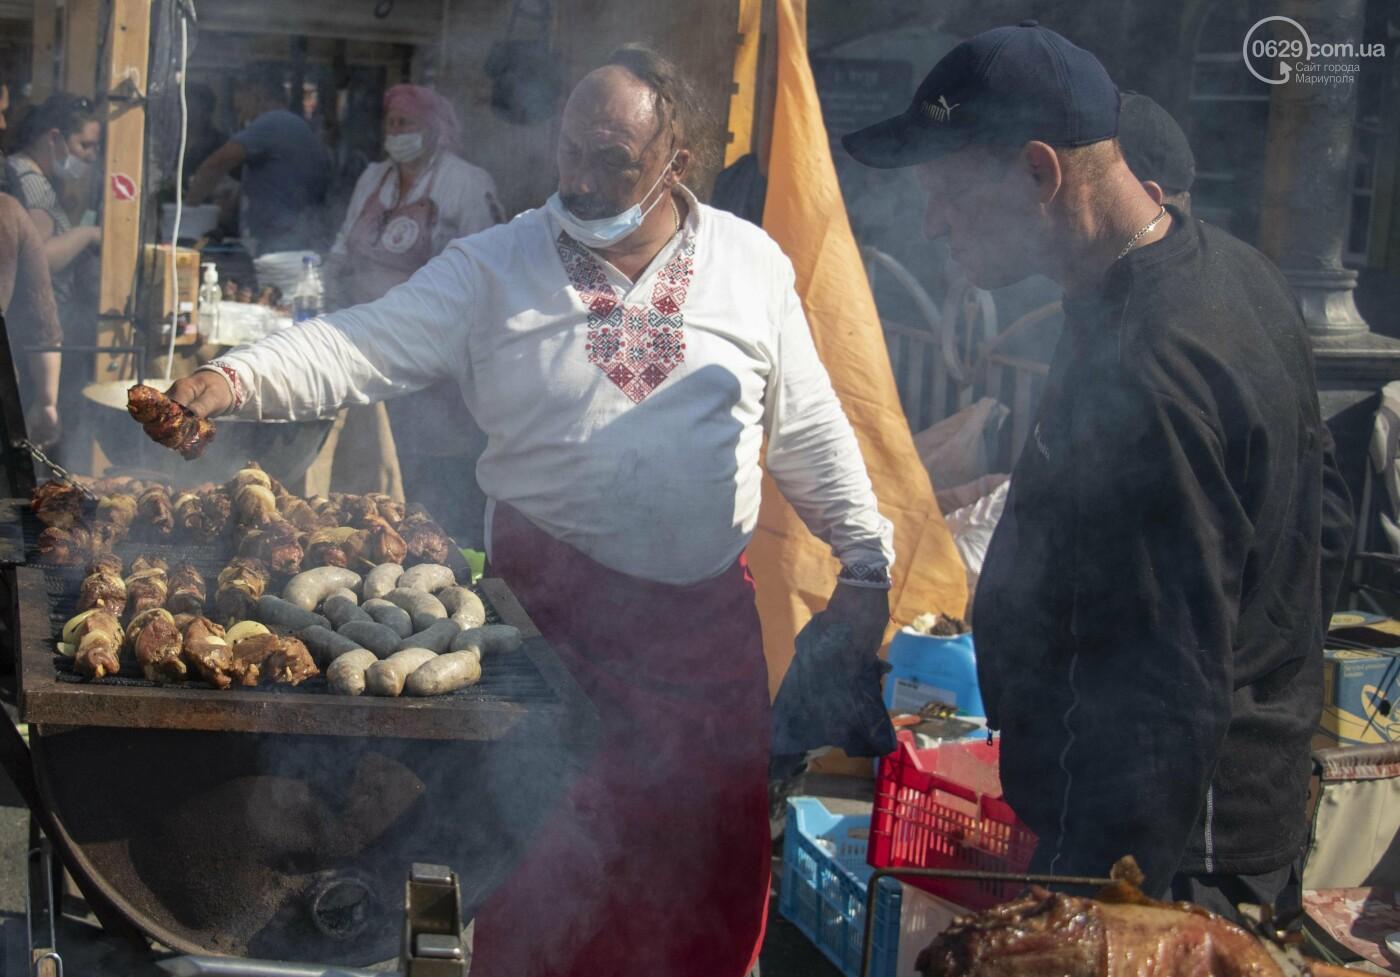 В центре Мариуполя открылся фермерский фестиваль,- ФОТОРЕПОРТАЖ, фото-15